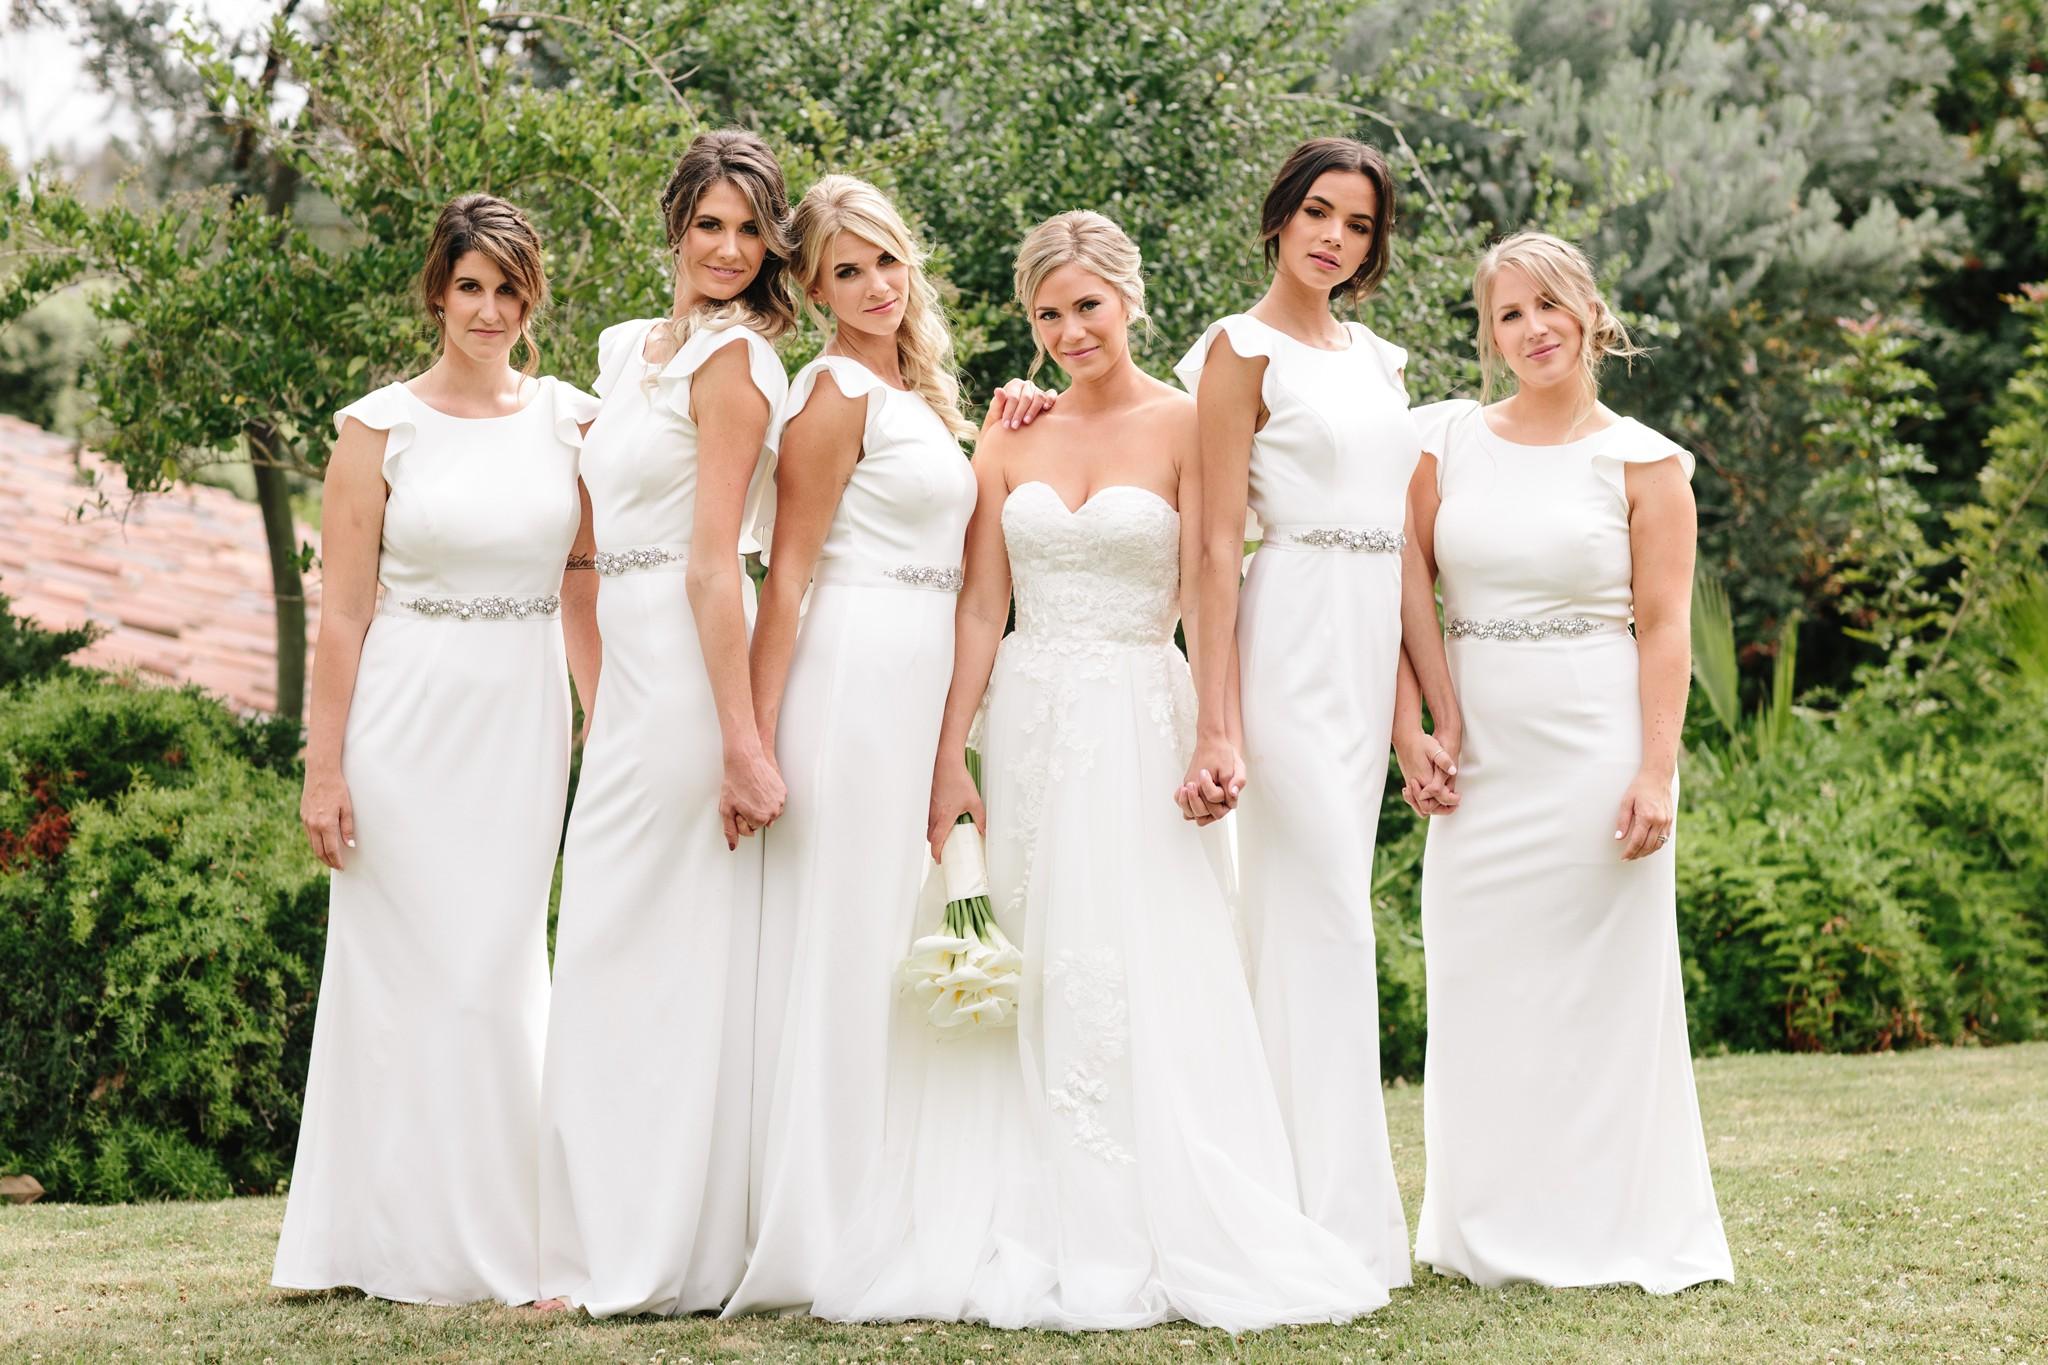 110 THEDELAURAS_THE_INN_AT_RANCHO_SANTA_FE_WEDDING_BRIDAL PARTY_BLOG110.jpg